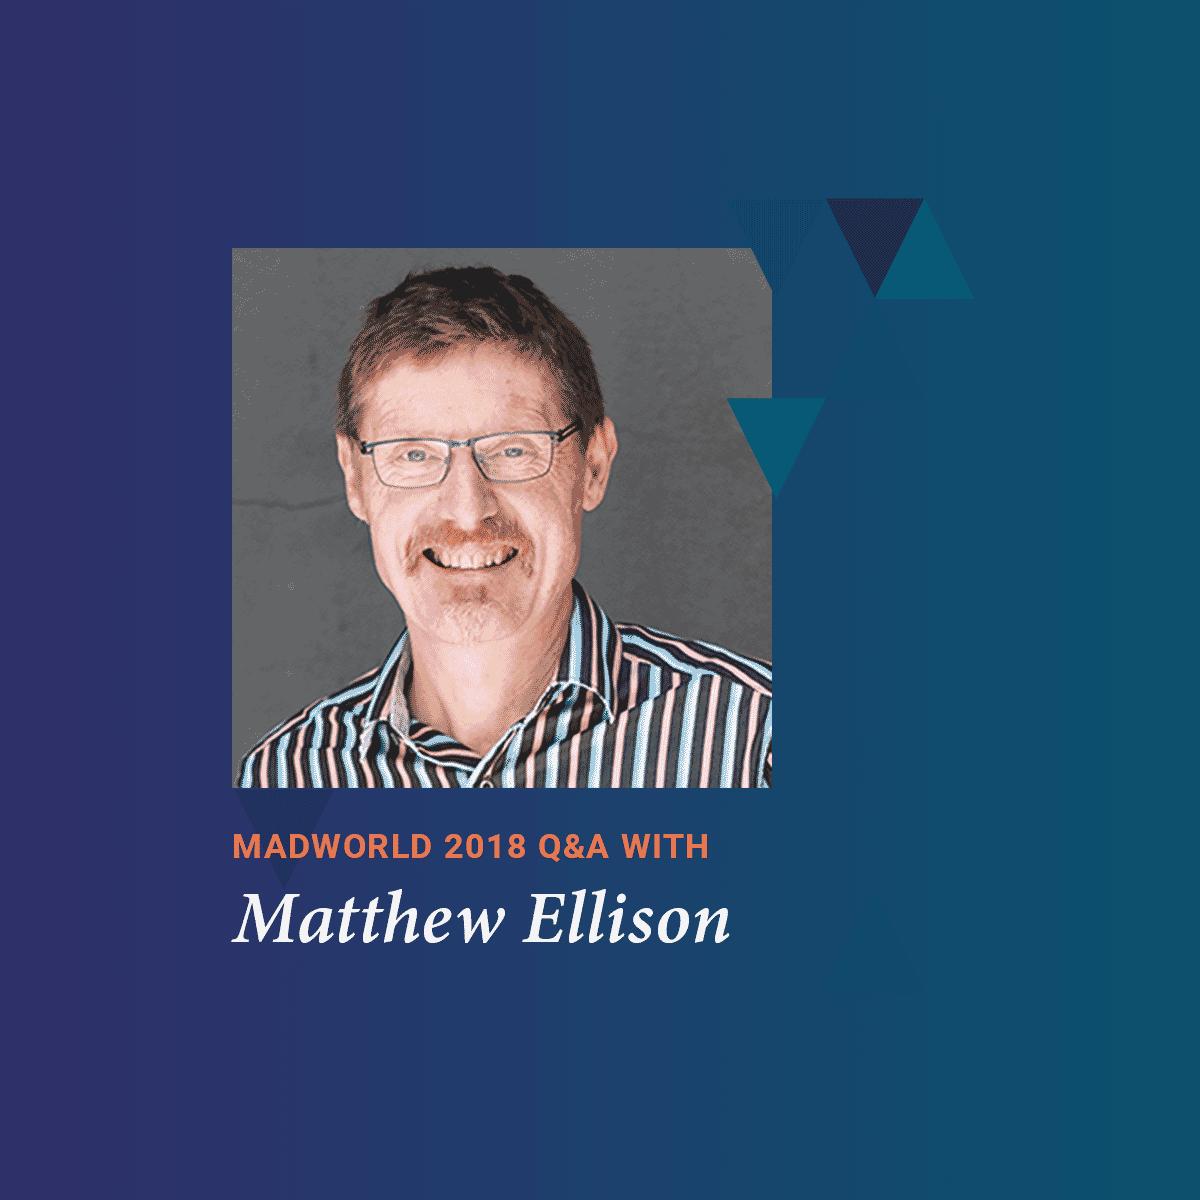 MadWorld 2018 San Diego Speaker Matthew Ellison